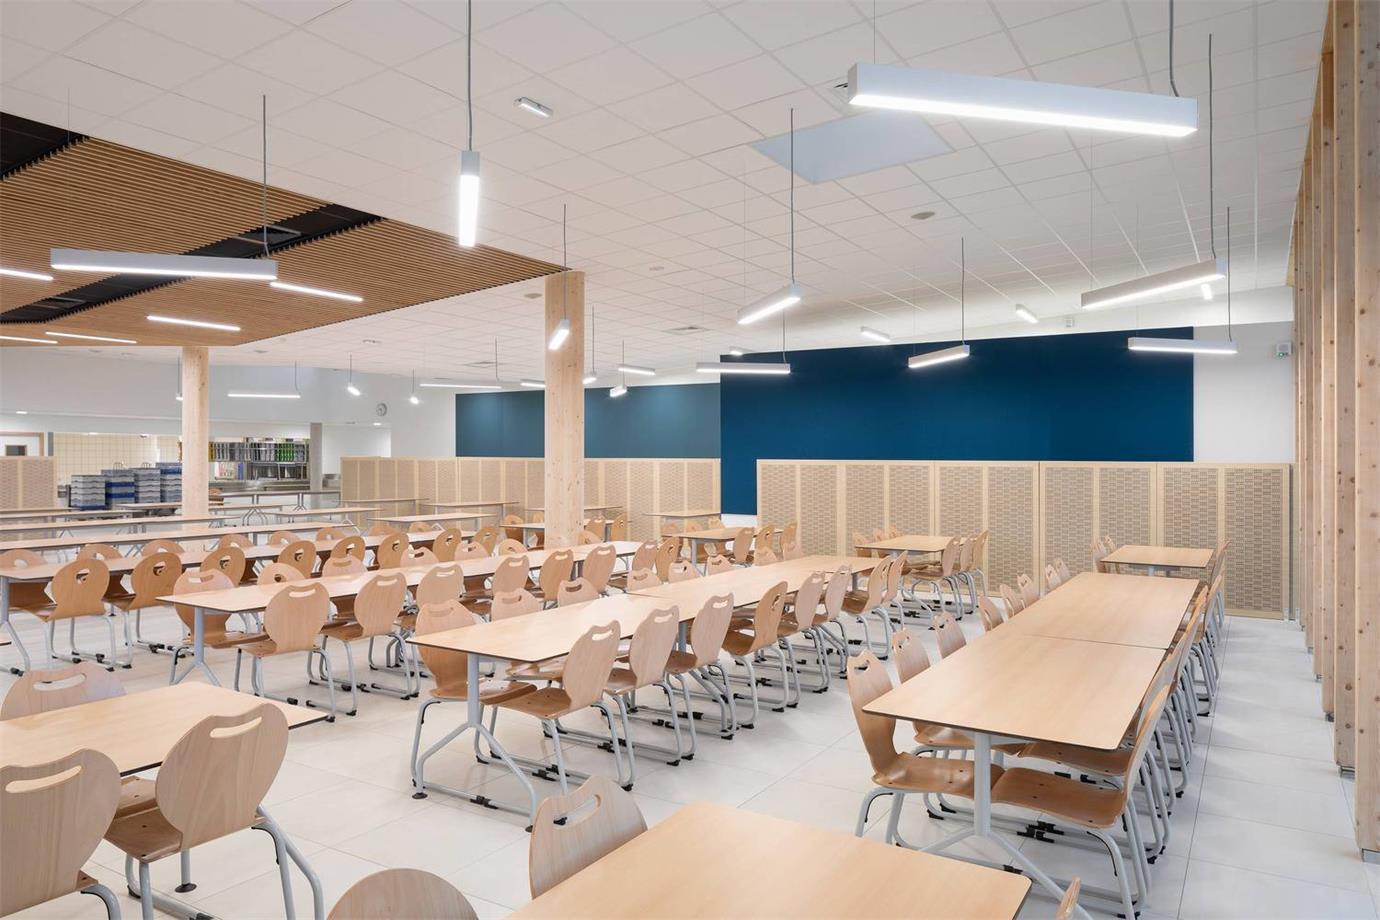 学校食堂用餐区设计